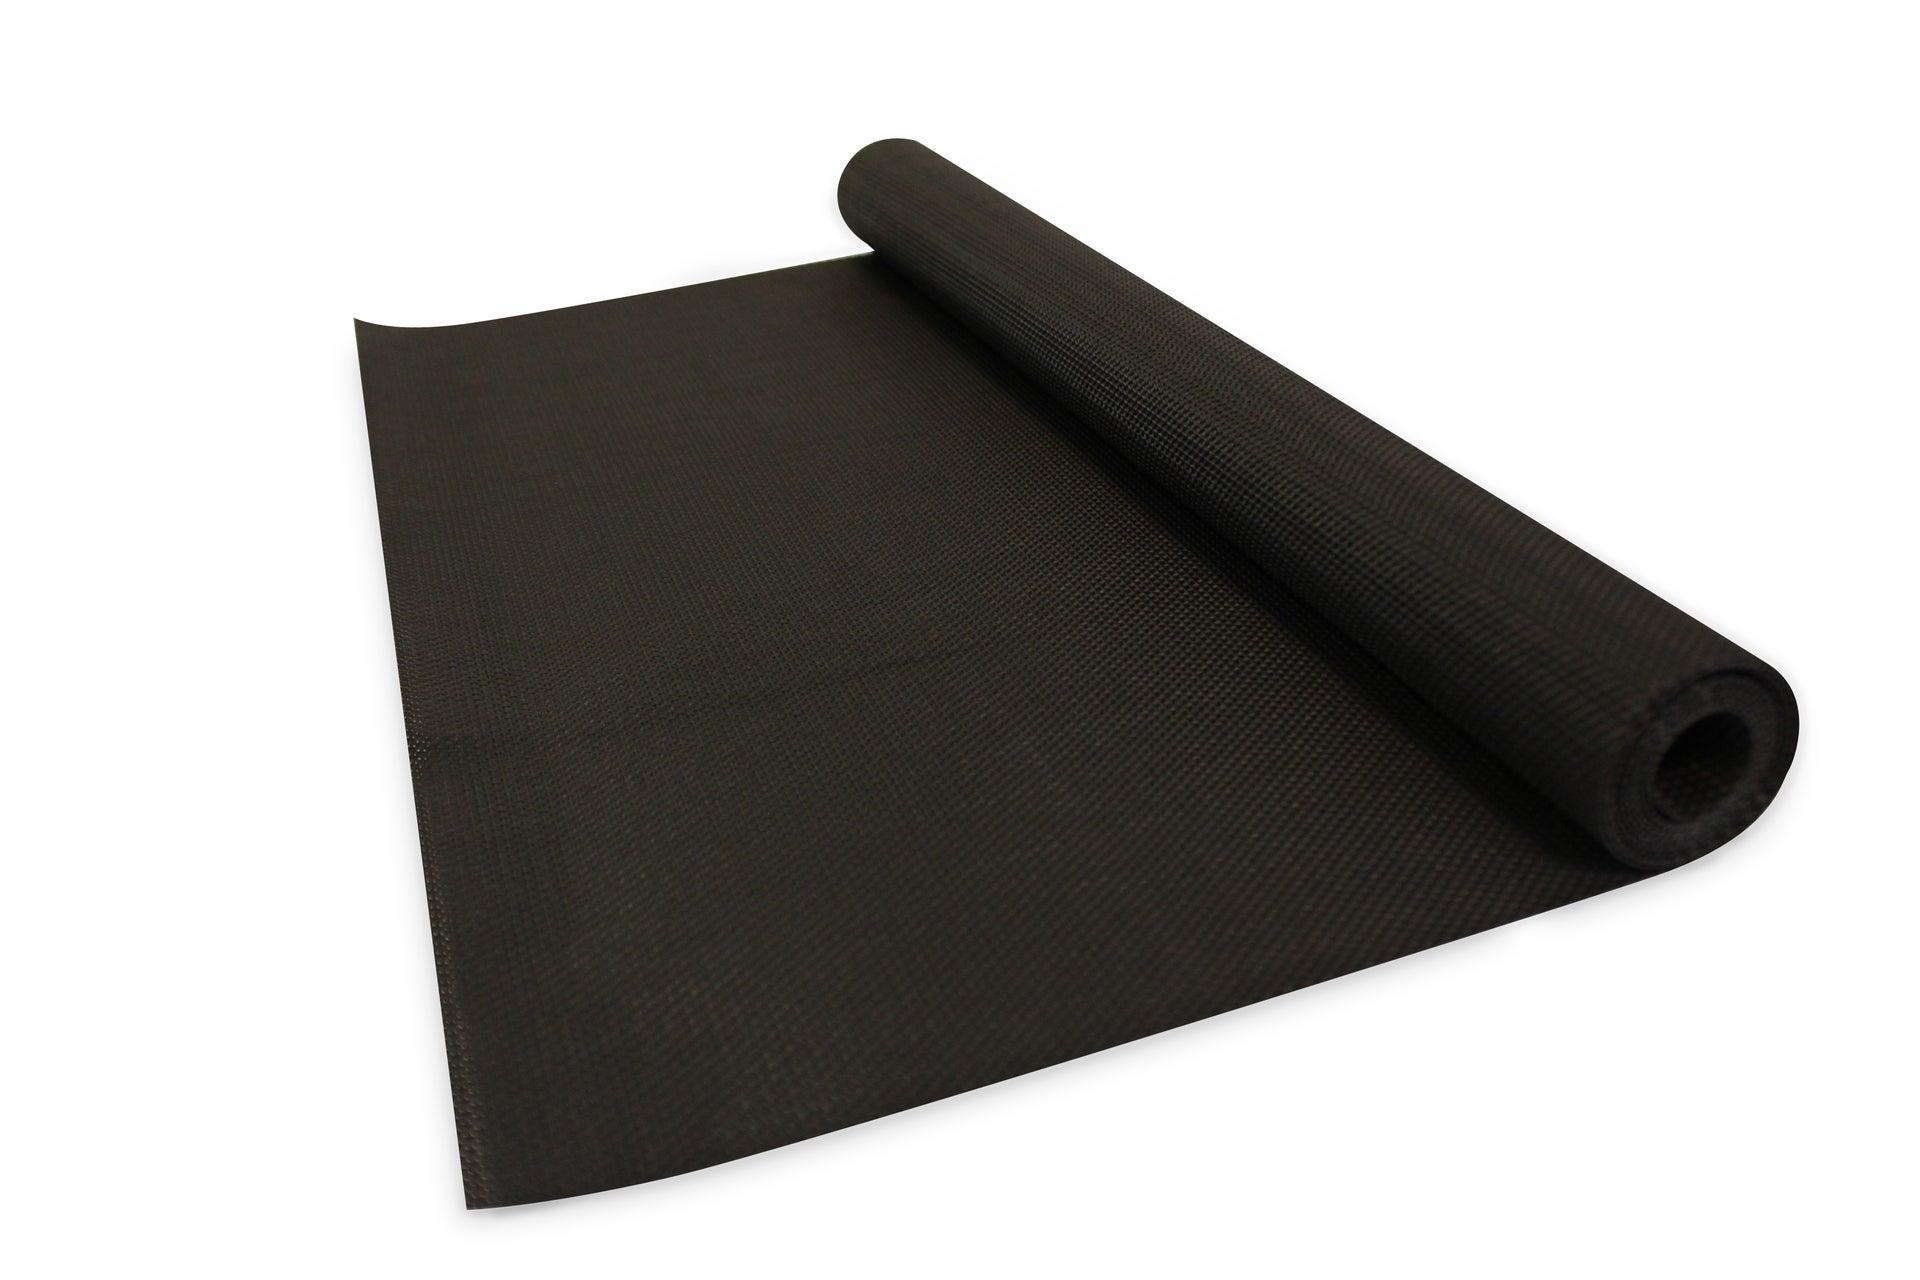 Tapis Fond De Tiroir Plastique Noir L 5 X P 5 Cm Leroy Merlin